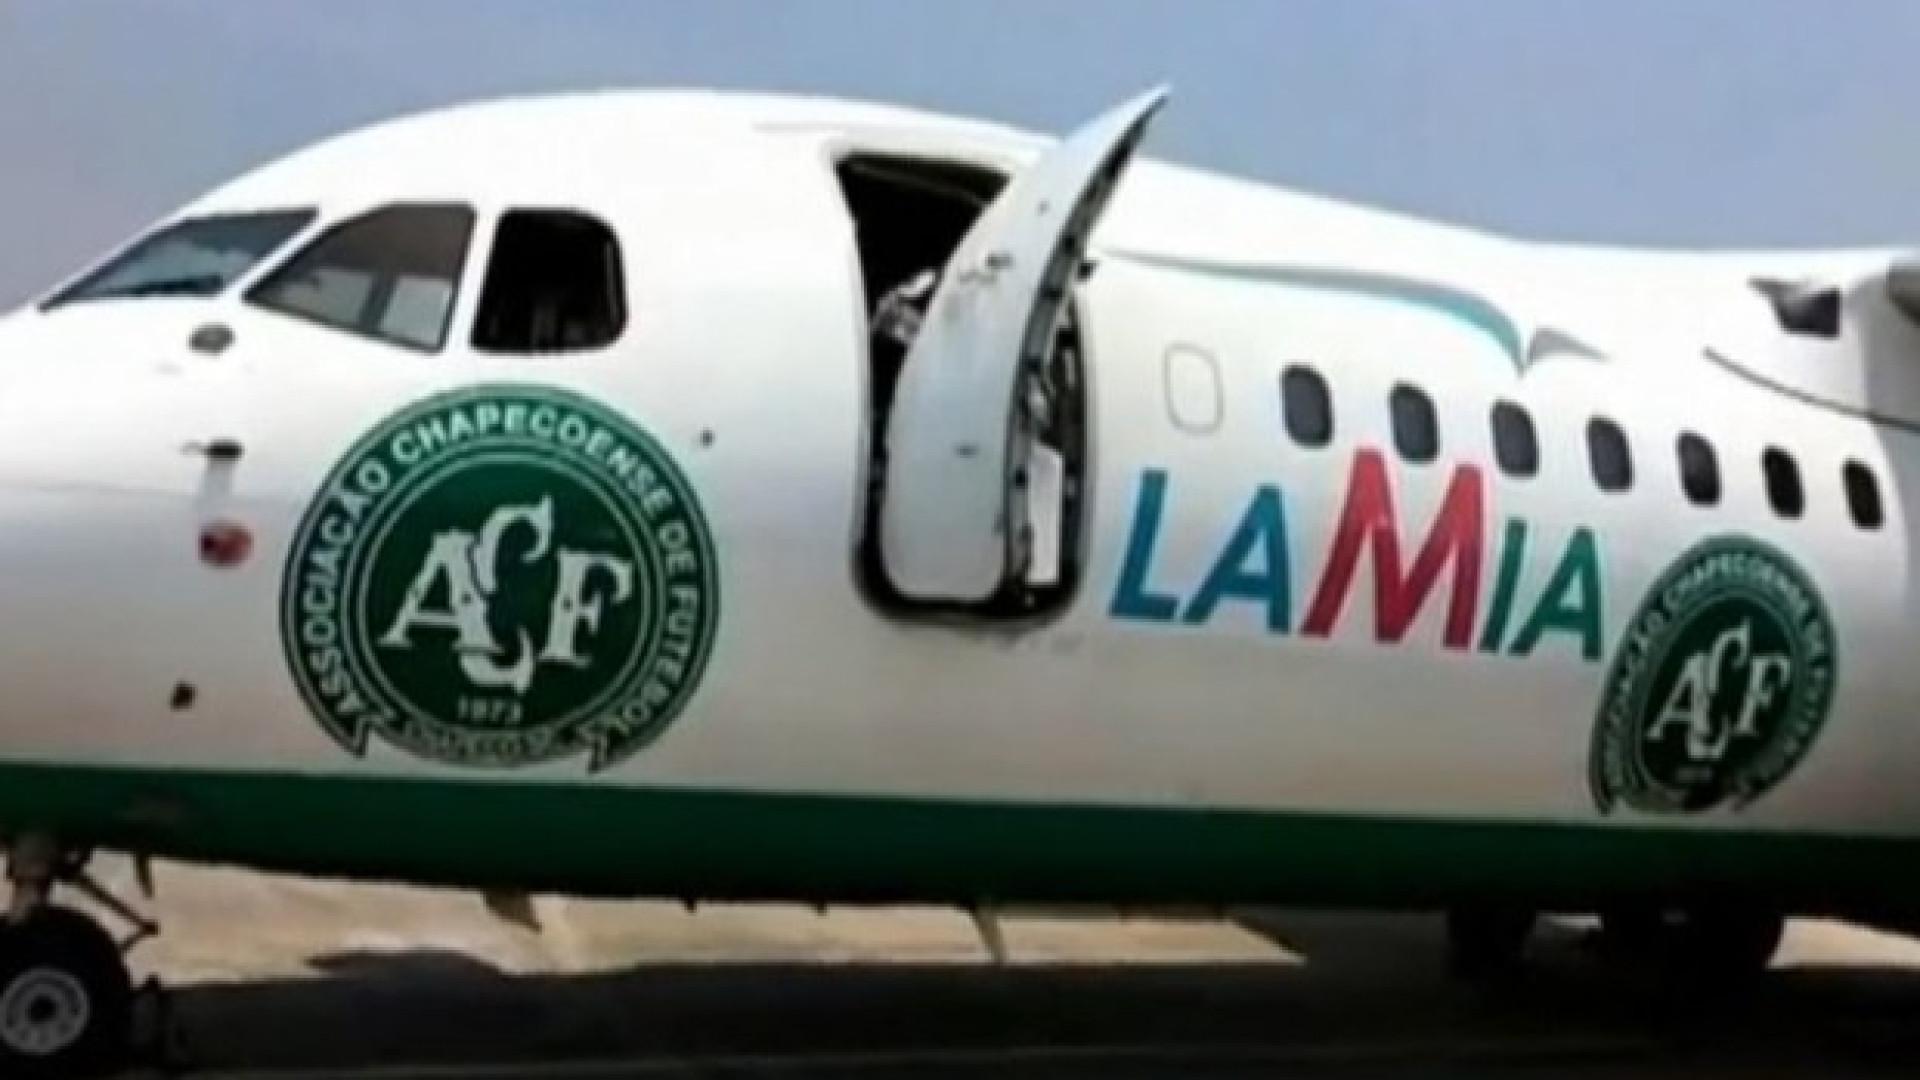 Chapecoense pagou 130 mil dólares por  voos, diz diretor da Lamia